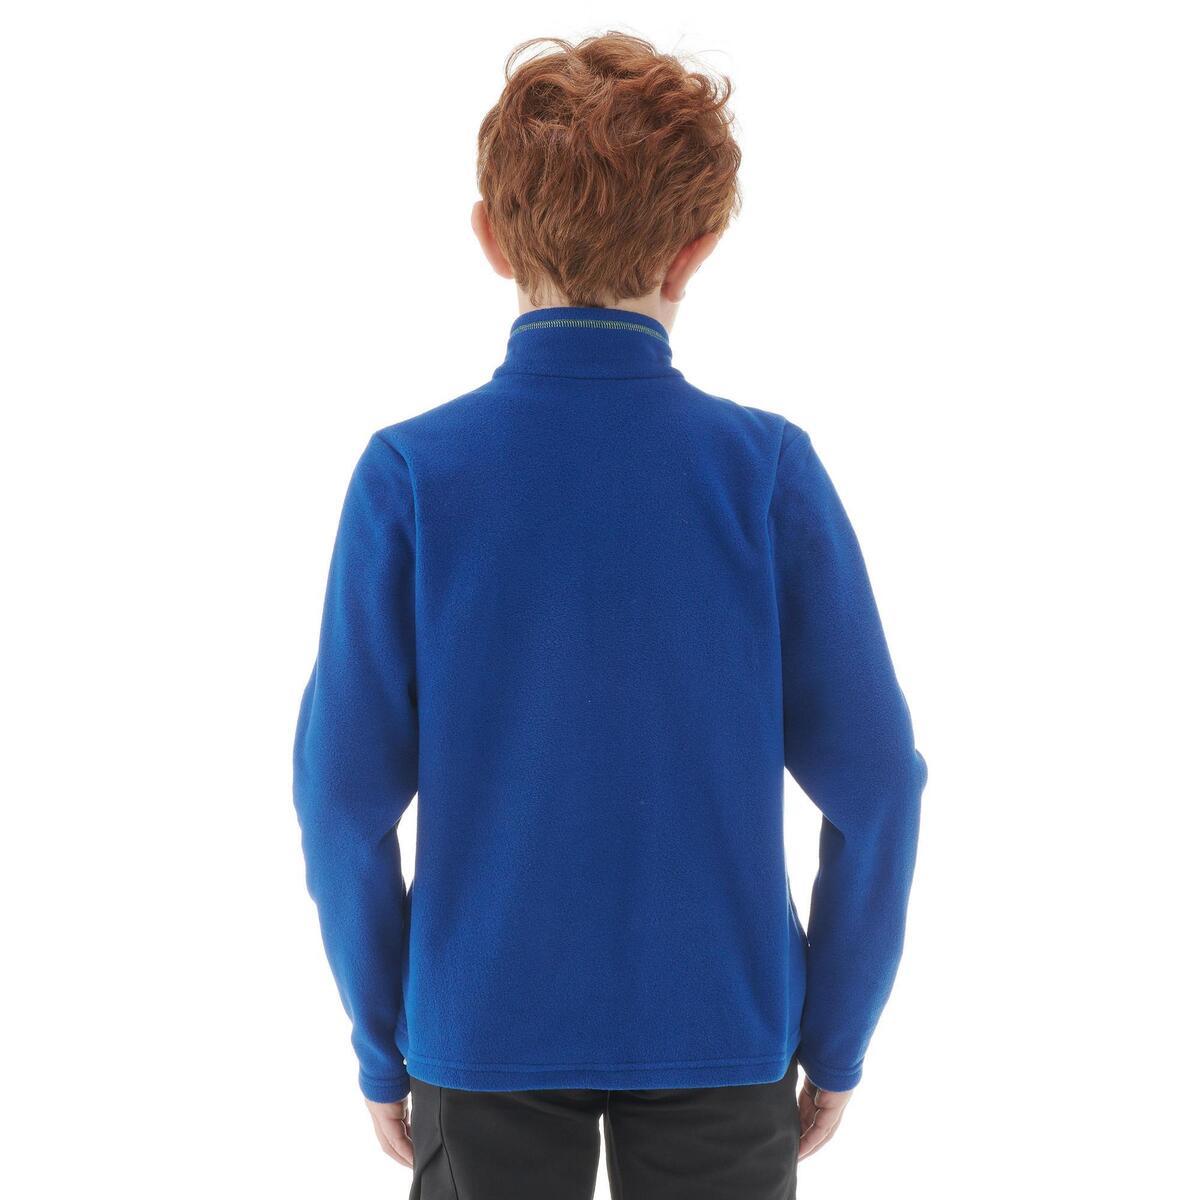 Bild 4 von Fleecepullover Wandern MH100 Kinder Jungen 123–172cm blau